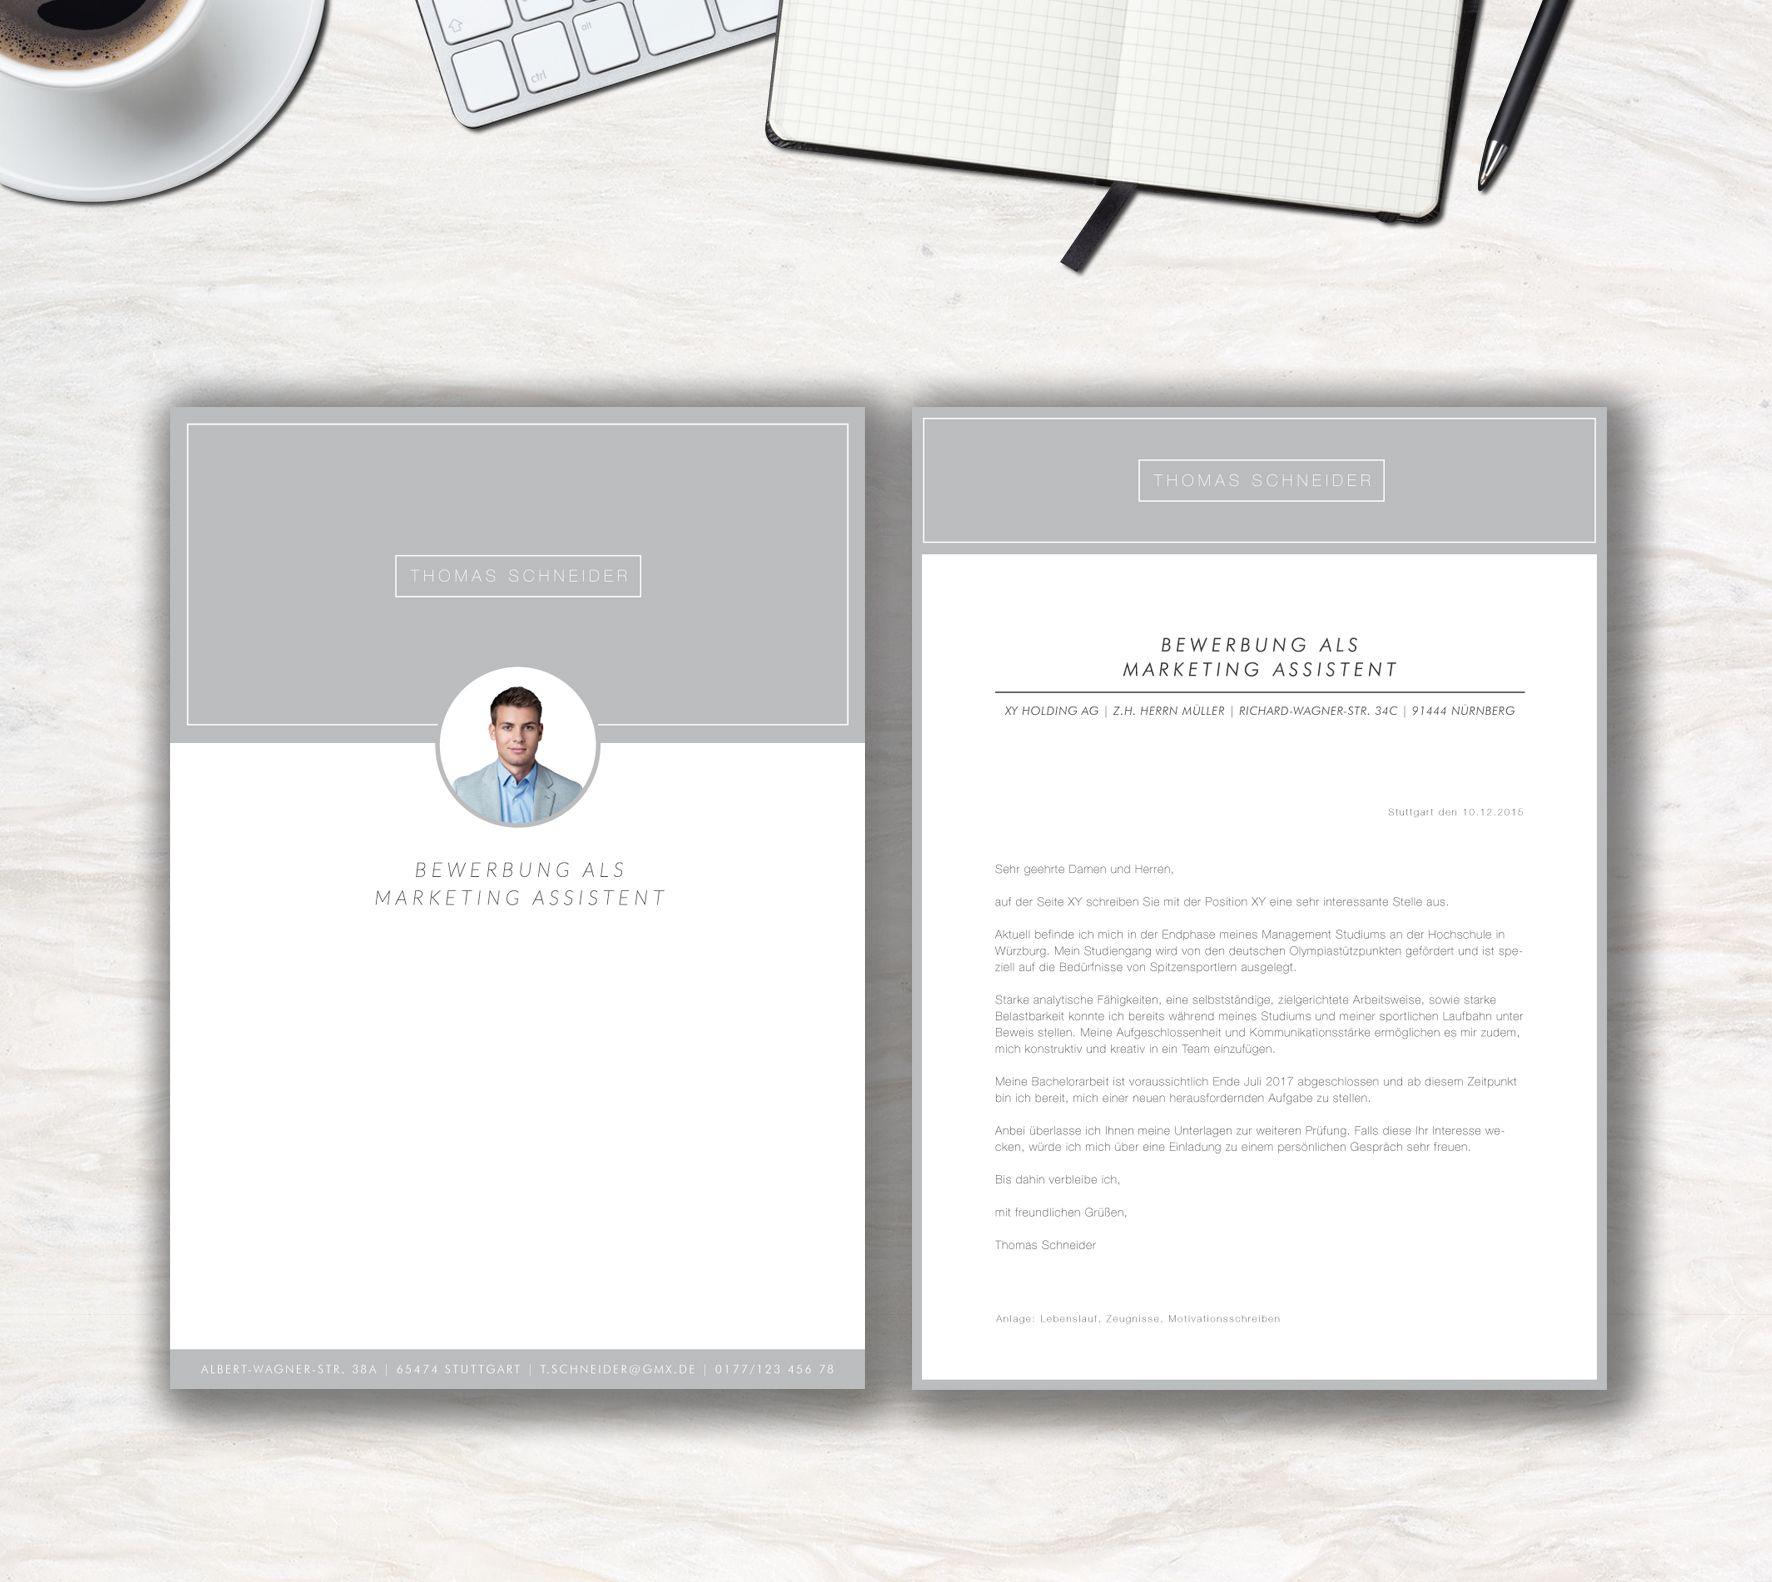 Unsere Bewerbungsvorlage Modern Office In Der Farbe Ice Grey Modern Clean Das Ist Die Aussage Der Bew Lebenslauf Bewerbung Schreiben Bewerbung Lebenslauf